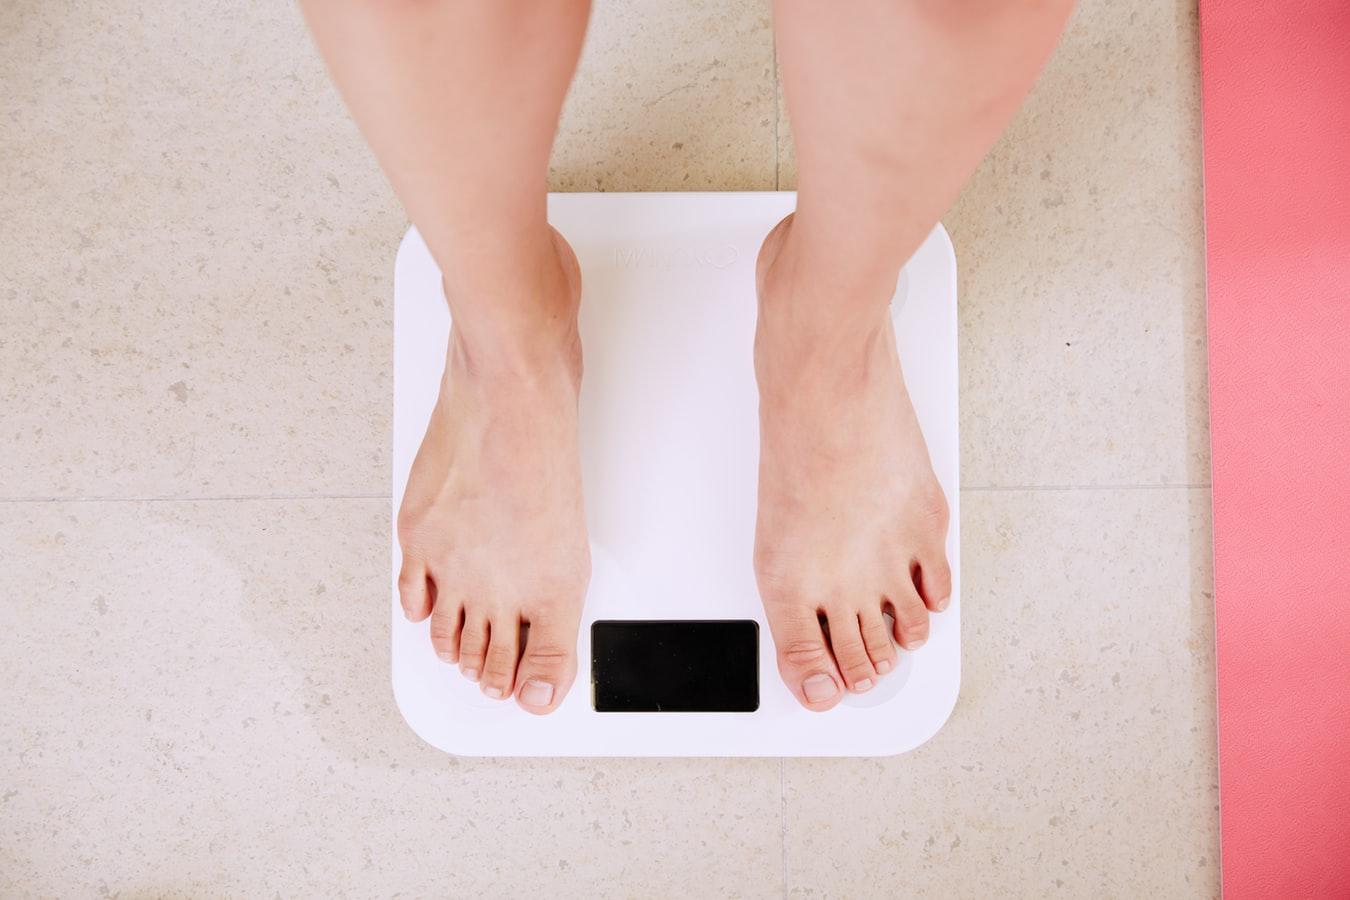 вес встал при похудении что делать форум